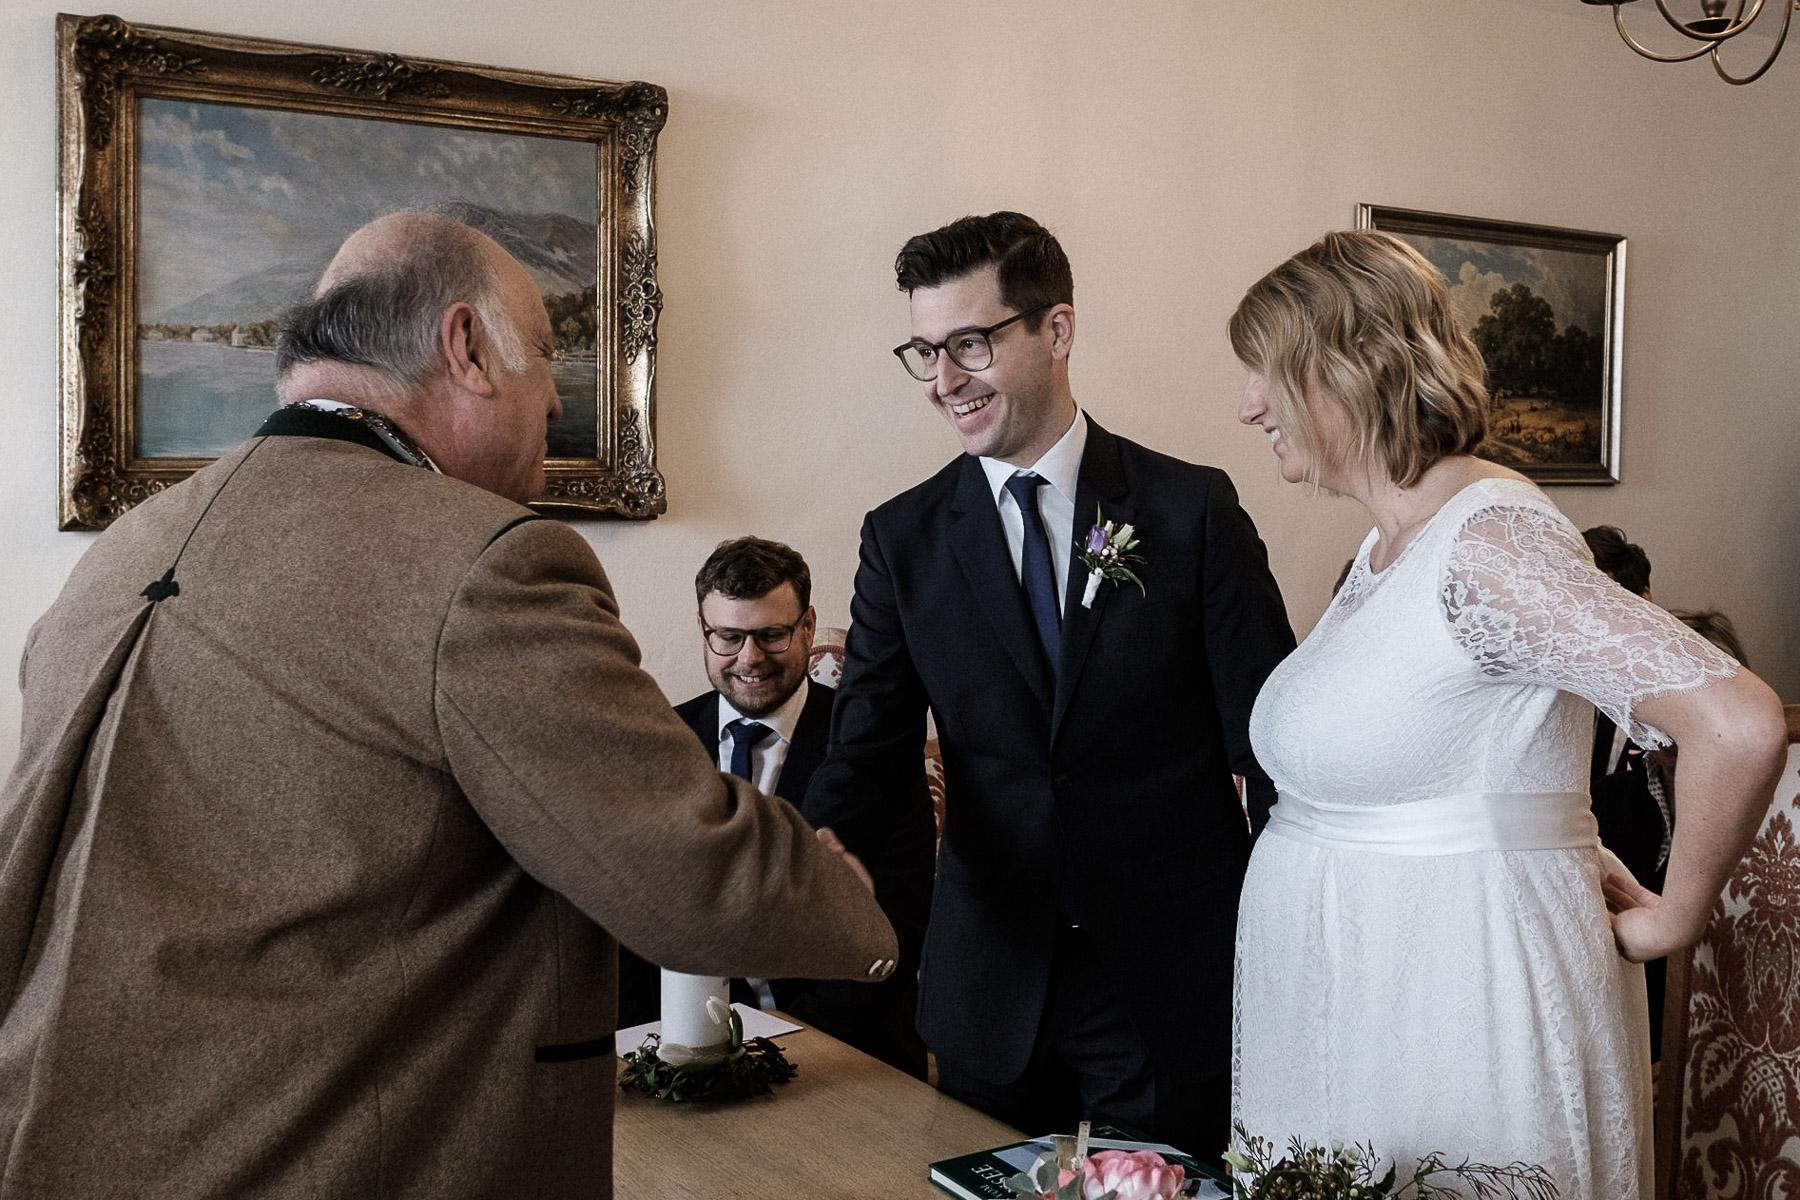 MartinLiebl_Hochzeitsfotograf_KCL_Blog_33.jpg